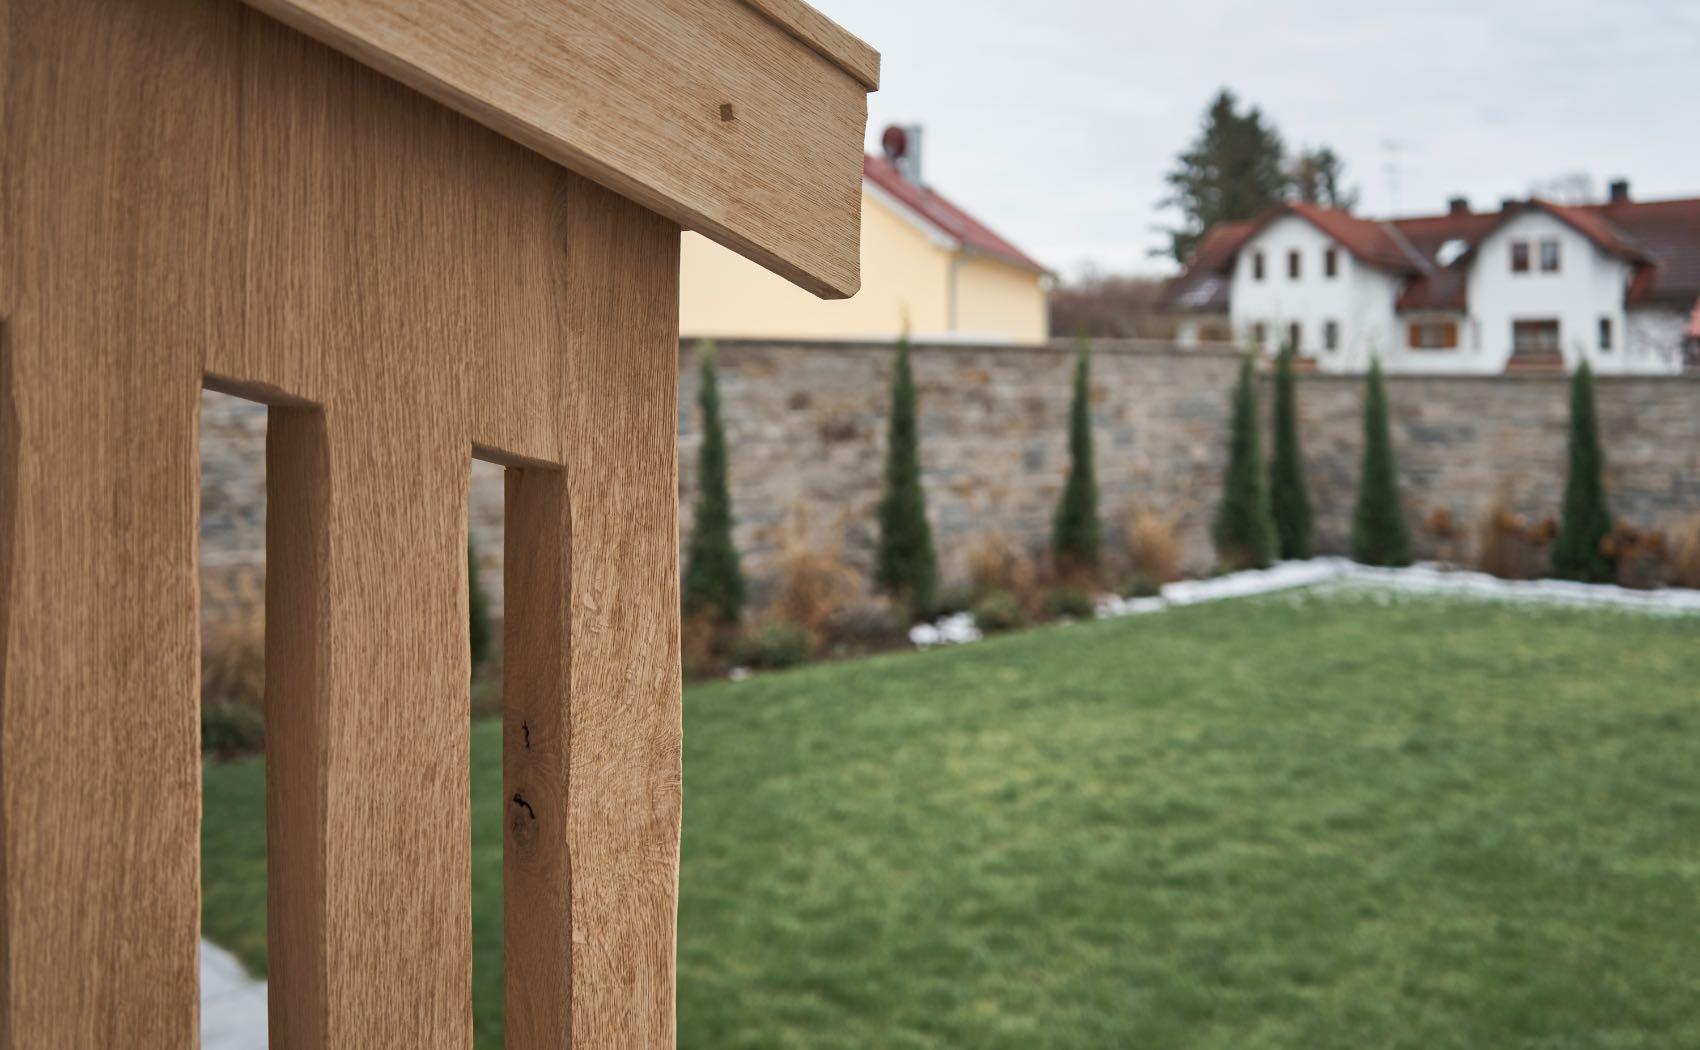 Überdachung für Brennholz